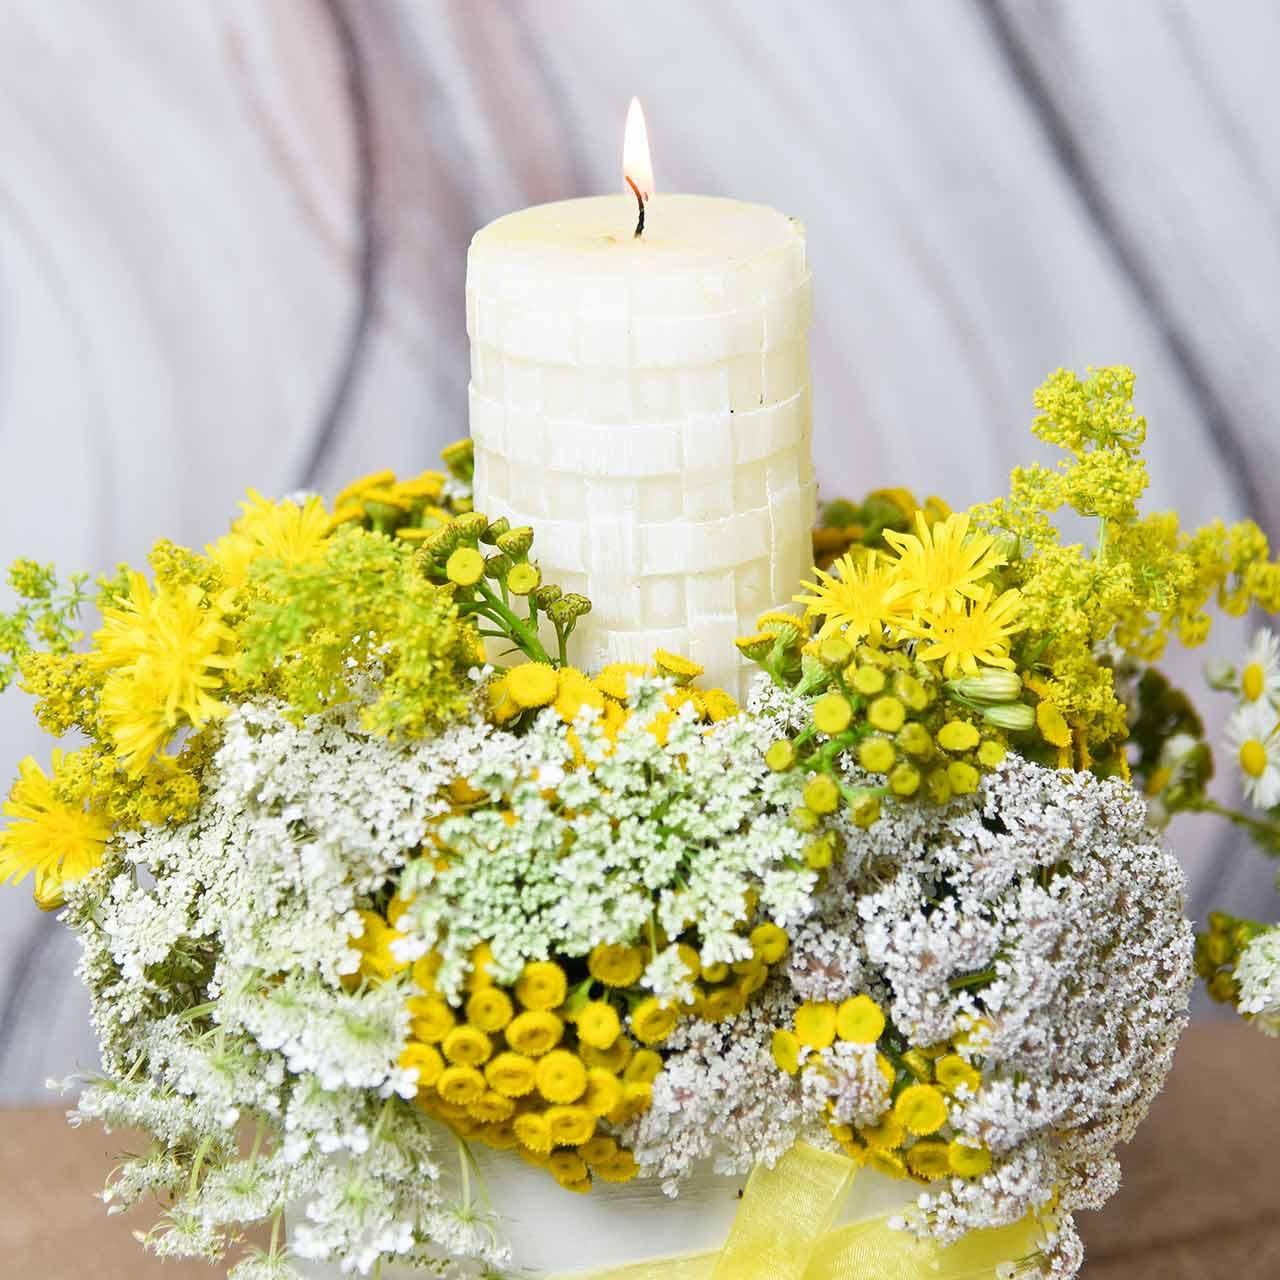 Candele rustiche, candele di cera bianca, modello di cesto di candele a colonna 110/65 2pz